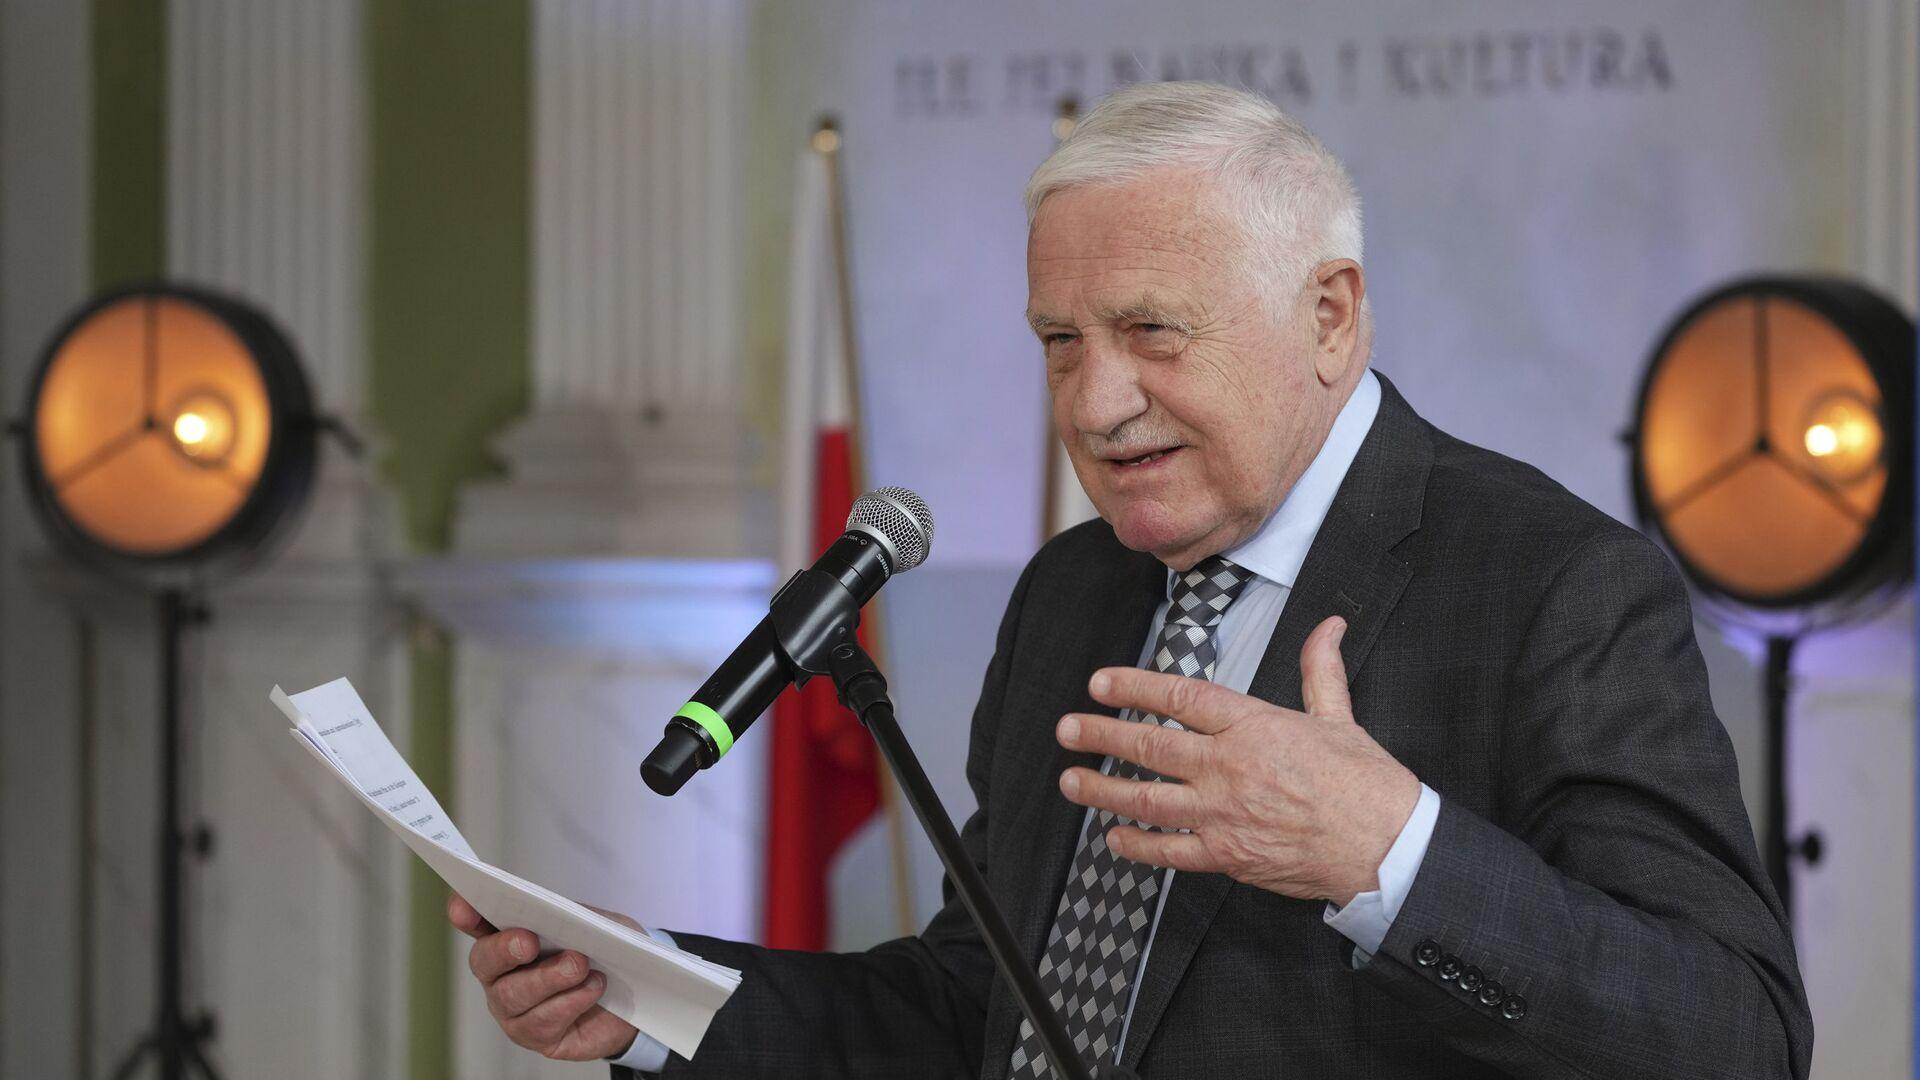 Bývalý český prezident Václav Klaus vystupuje na konferenci ve Varšavě - Sputnik Česká republika, 1920, 26.09.2021